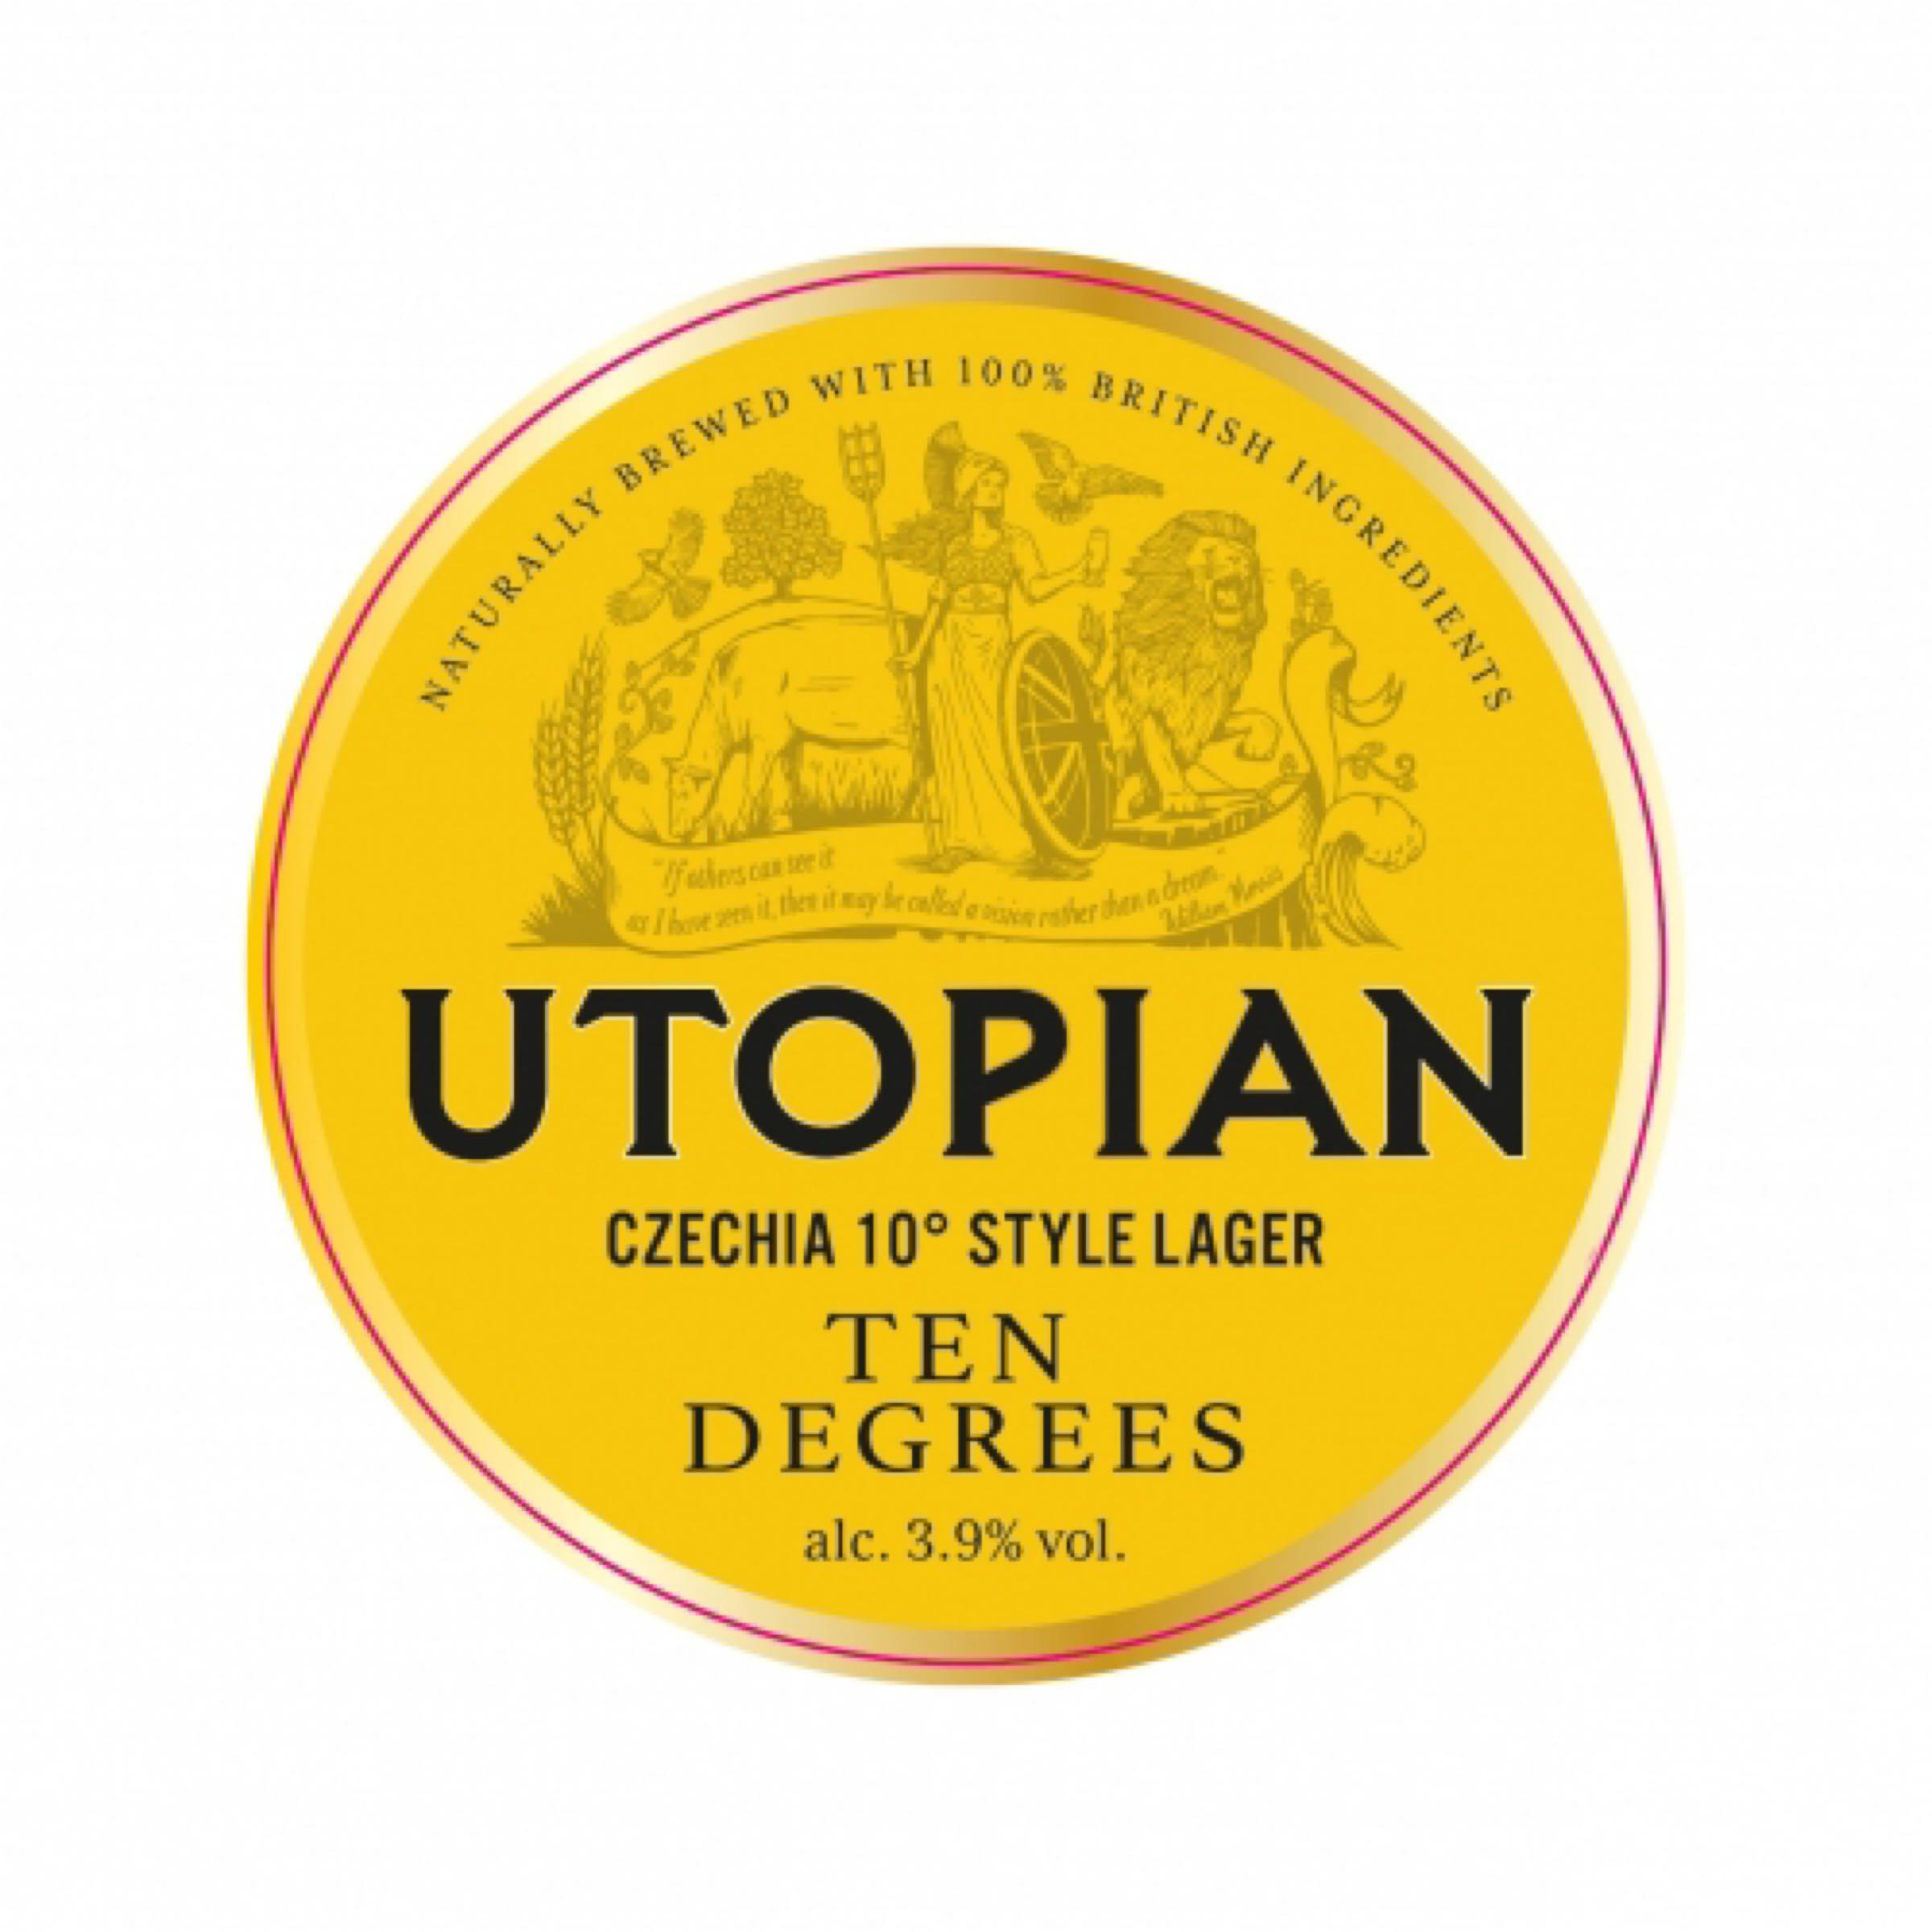 Utopian Czech 10 Session Lager 1 Litre Draught